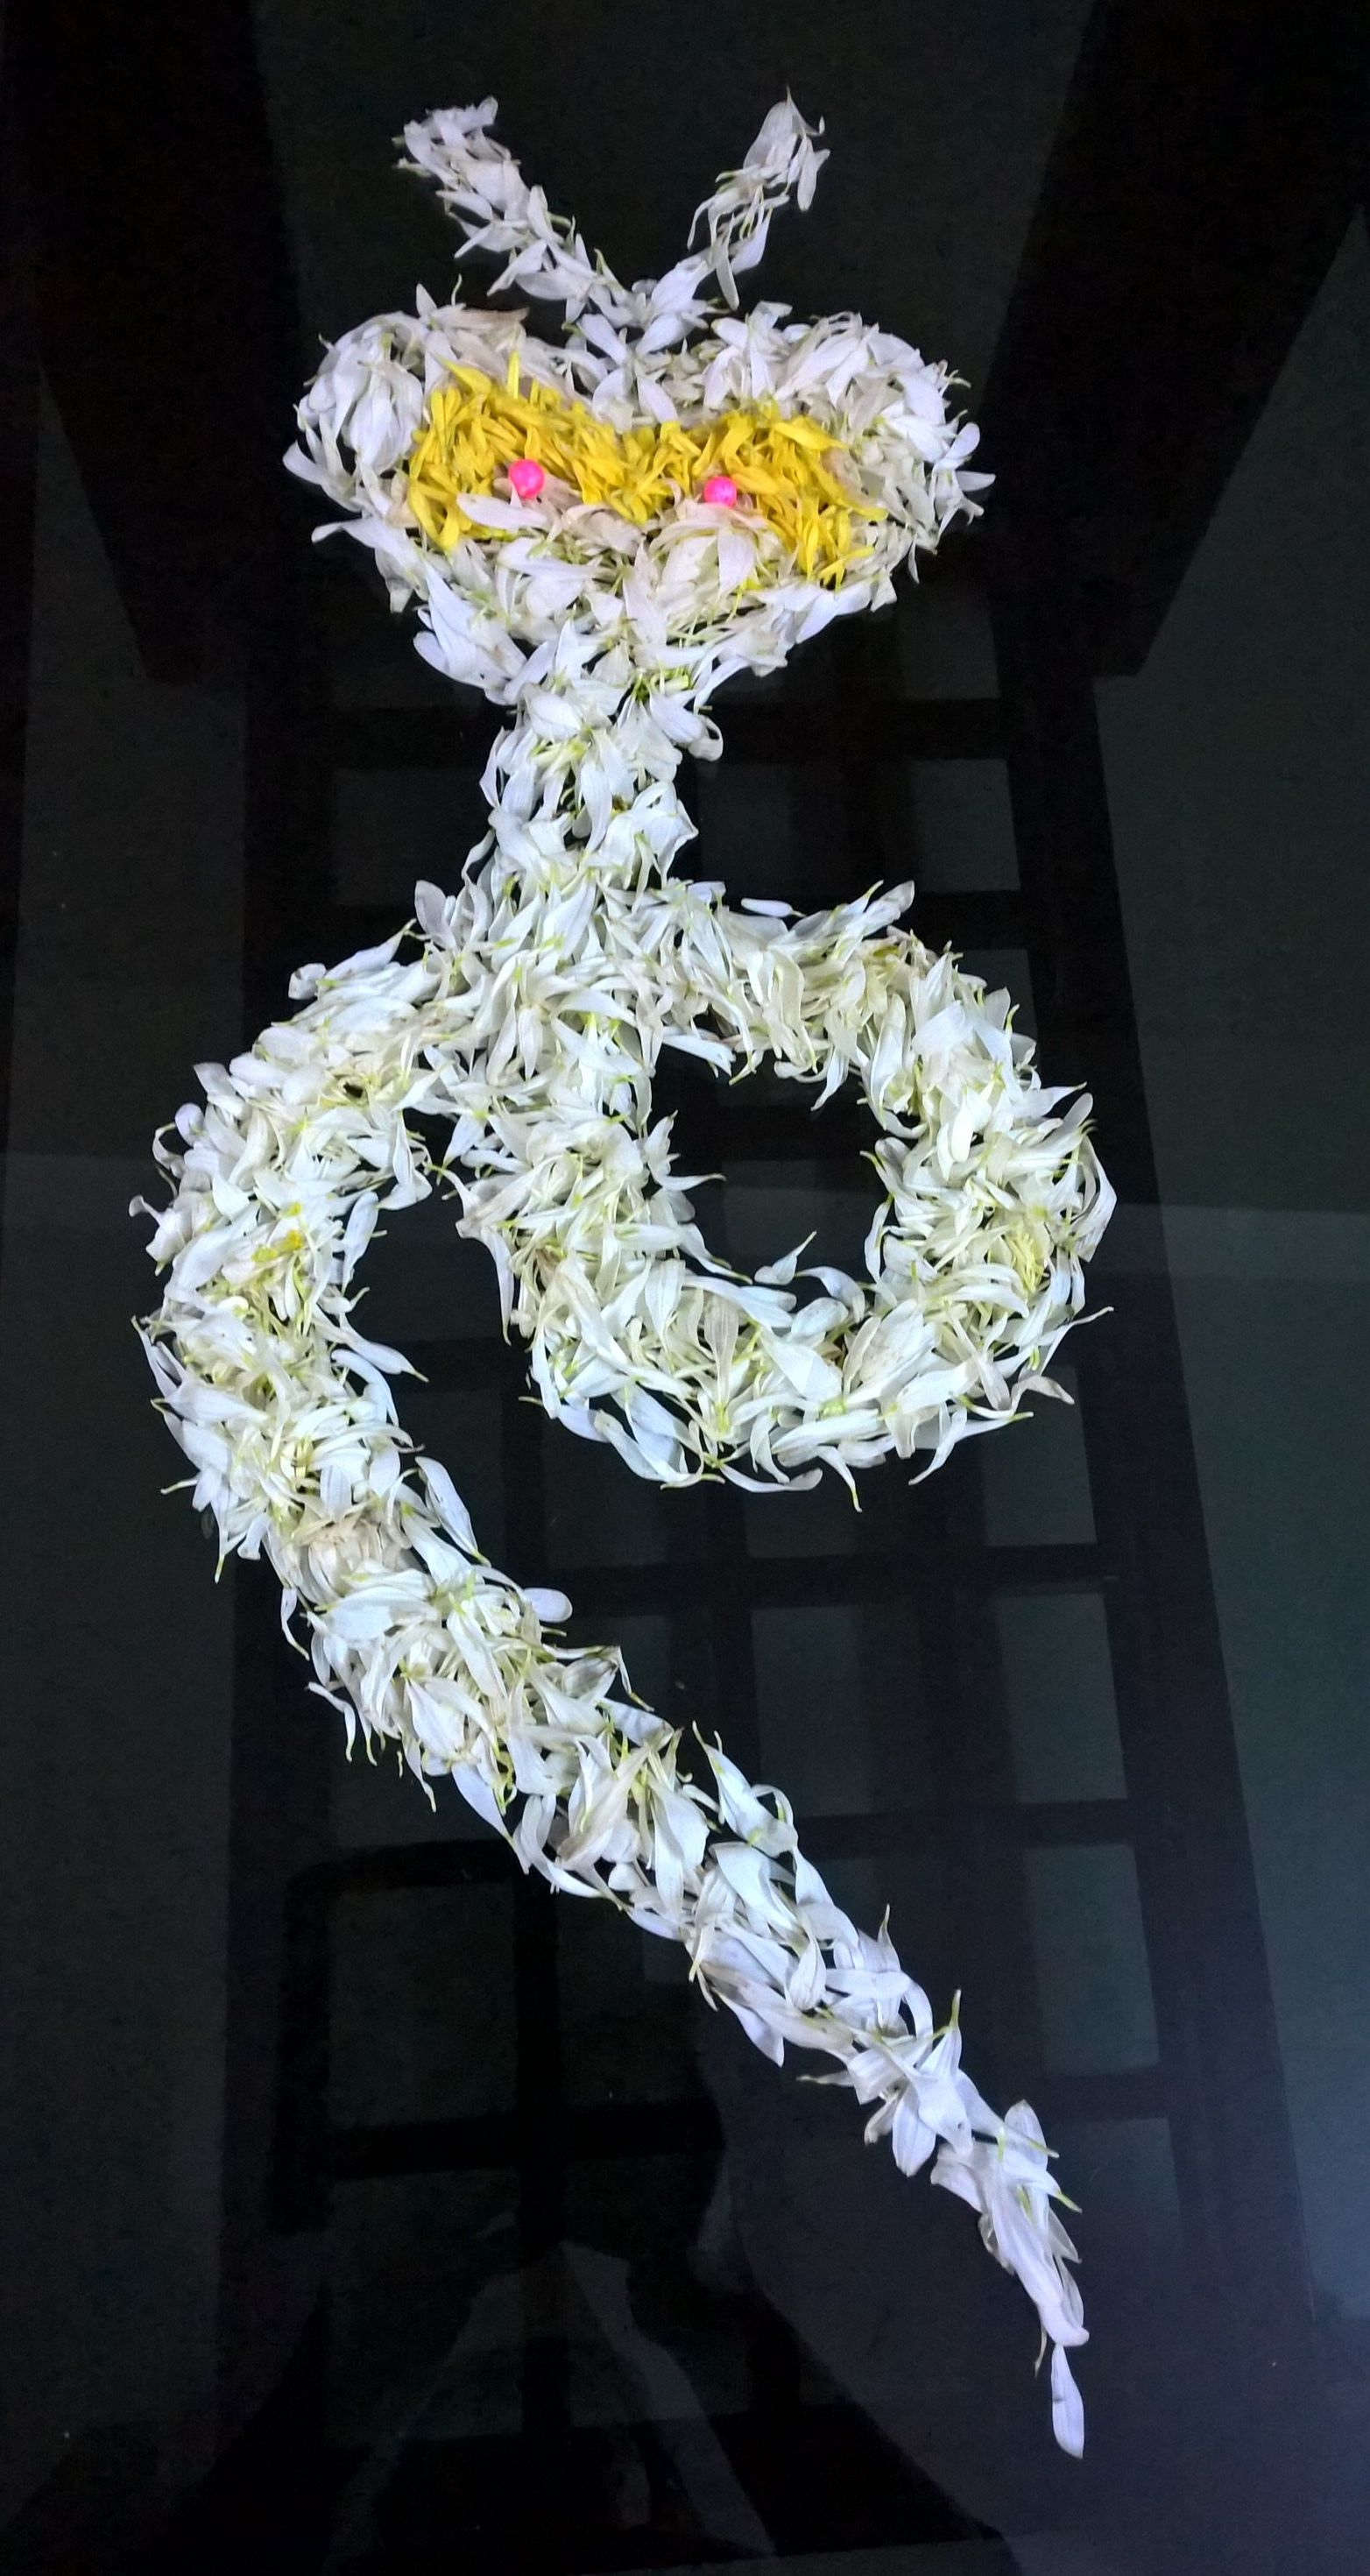 Snake 🐍 design made of white flower petals... Rangoli